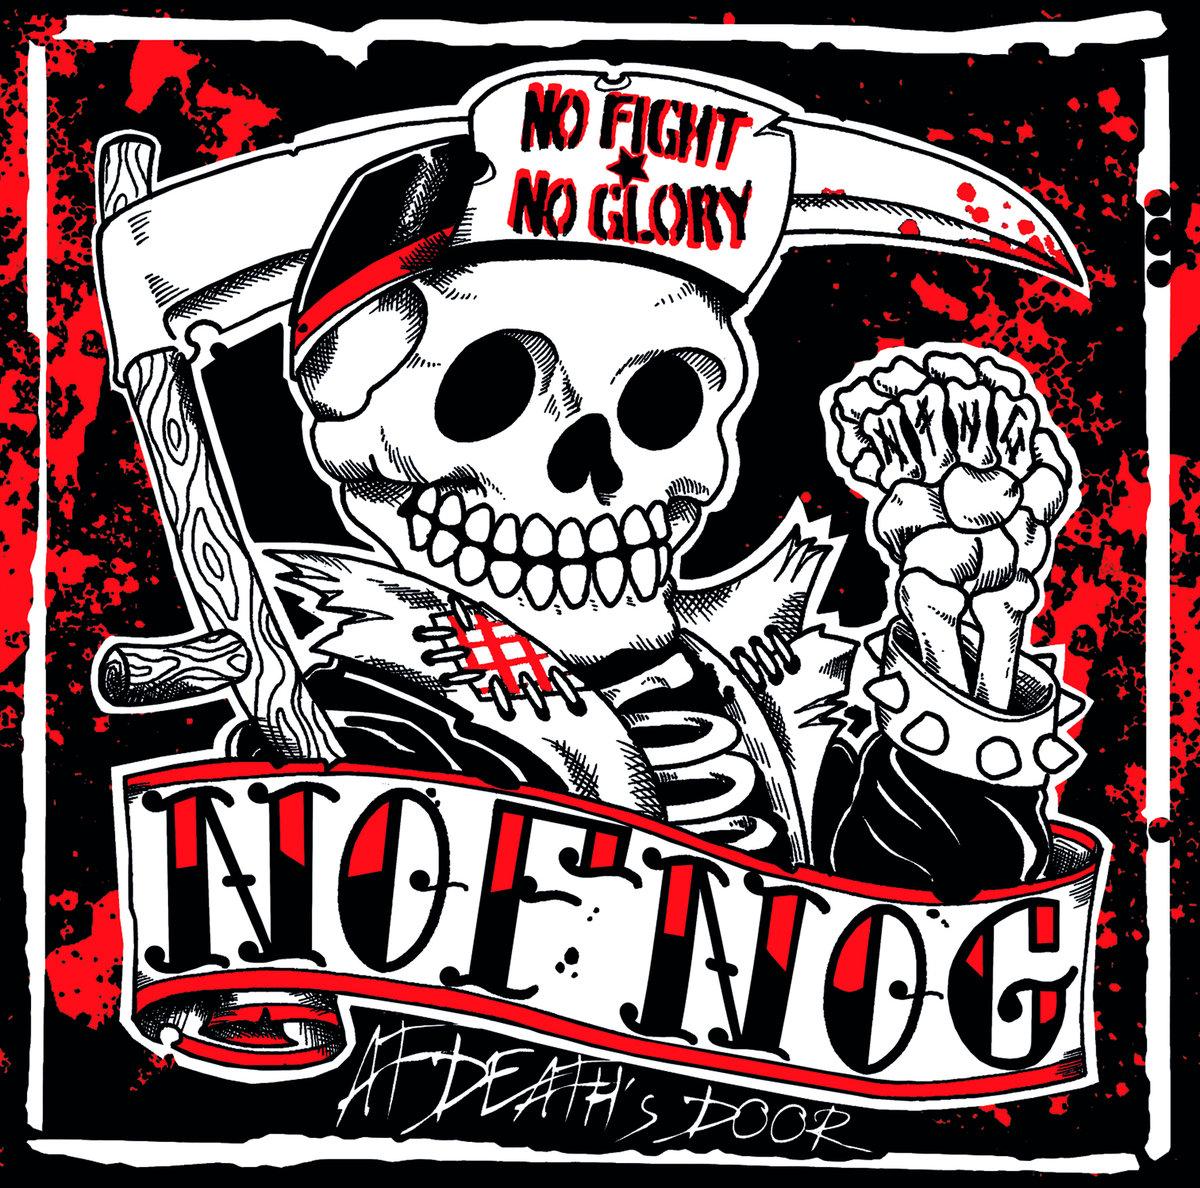 Nofnog - At Death's Door